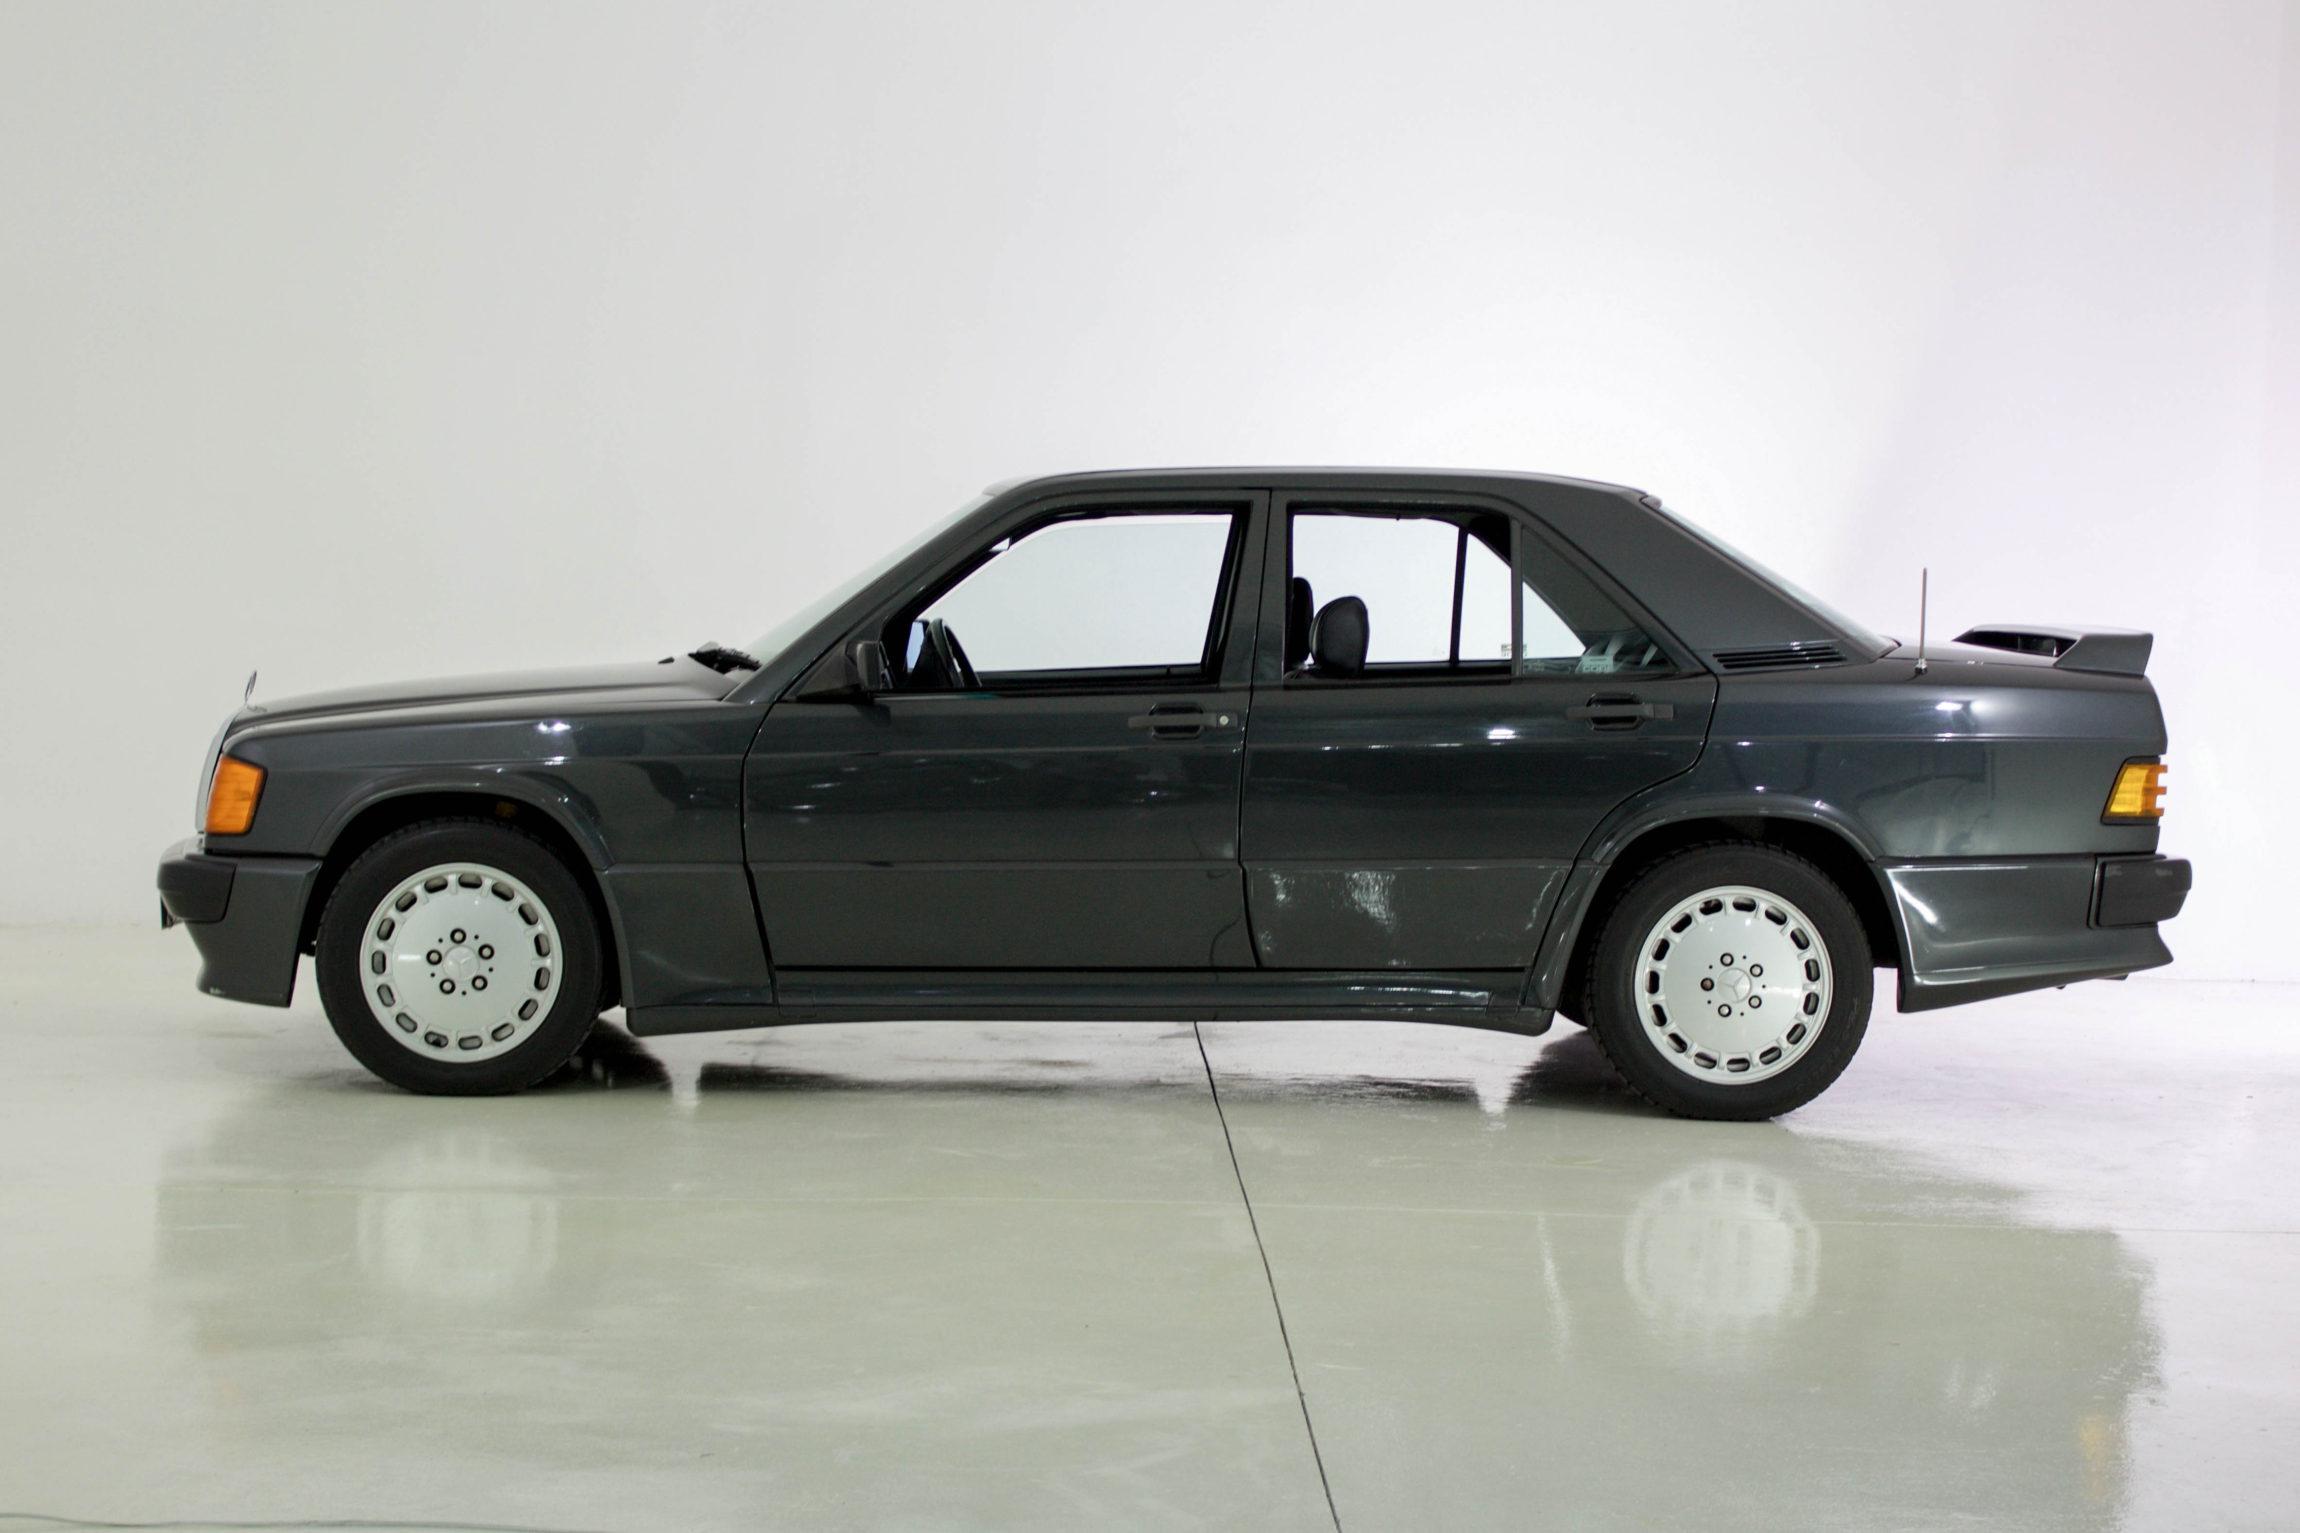 1985 mercedes benz 190e 2 3 16v cosworth the garage. Black Bedroom Furniture Sets. Home Design Ideas